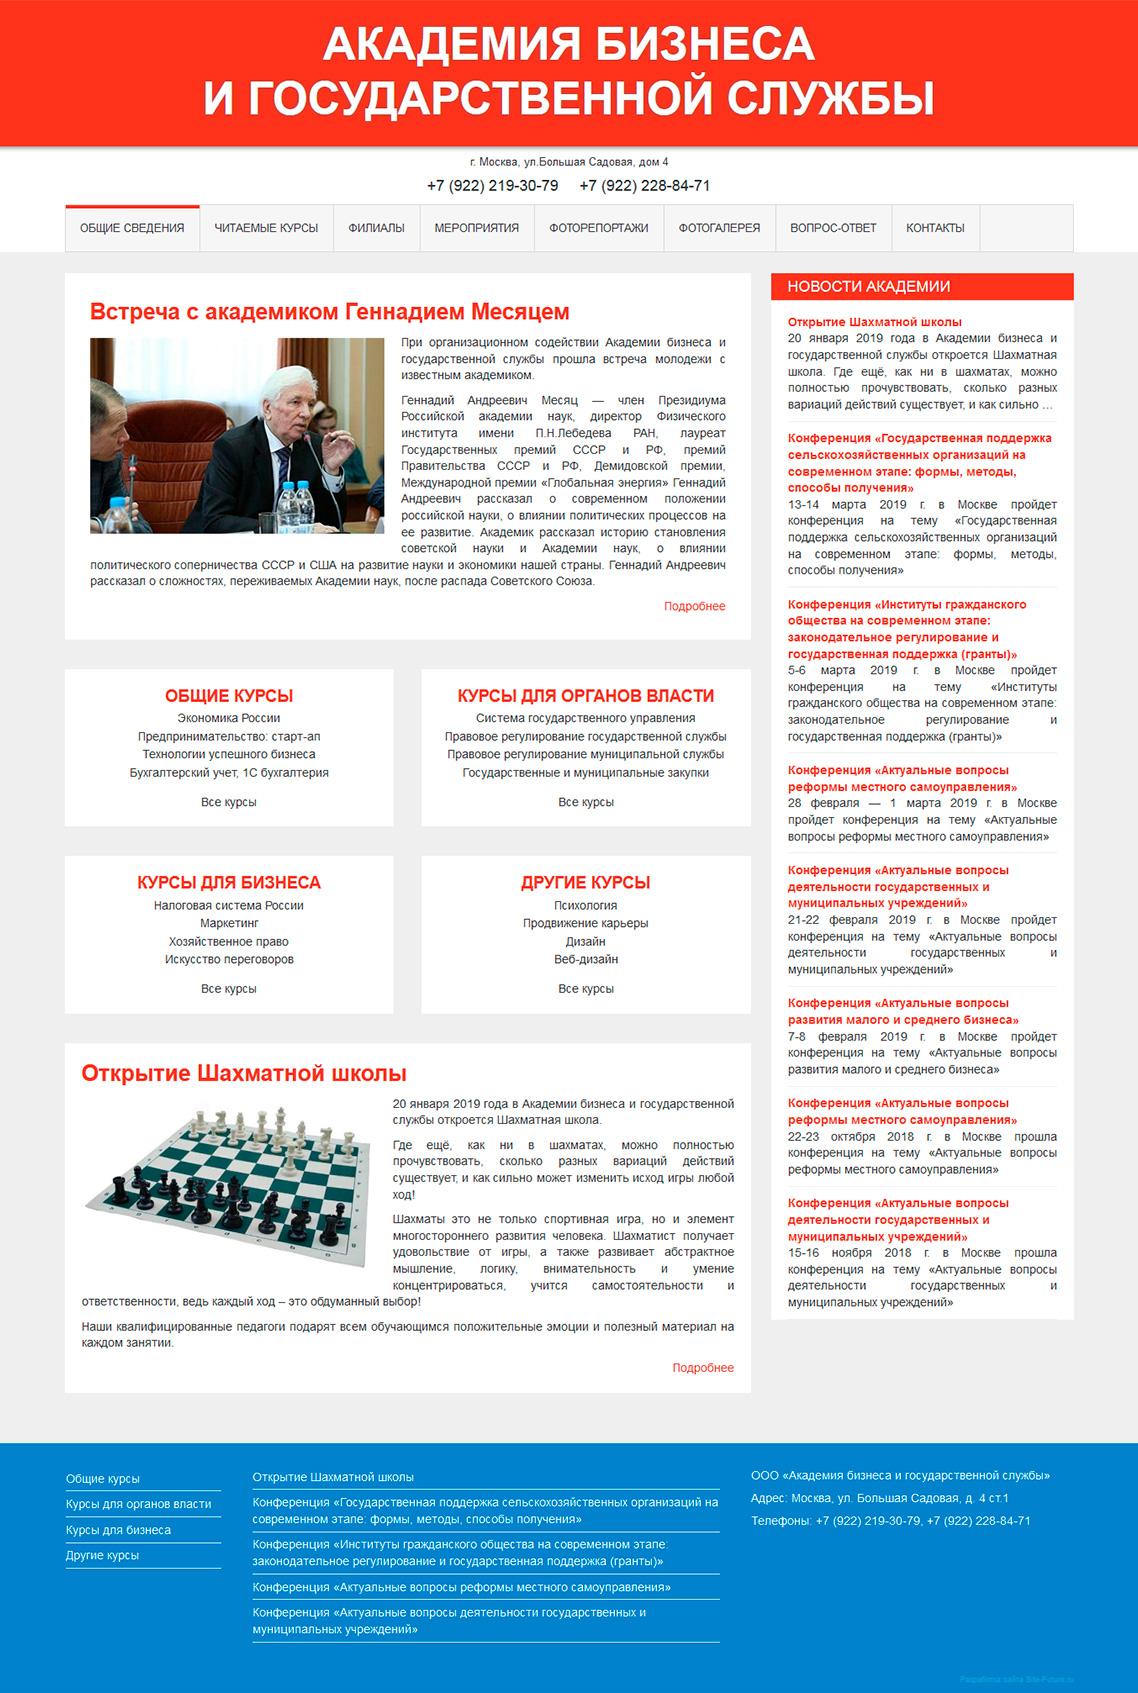 Академия бизнеса и государственной службы